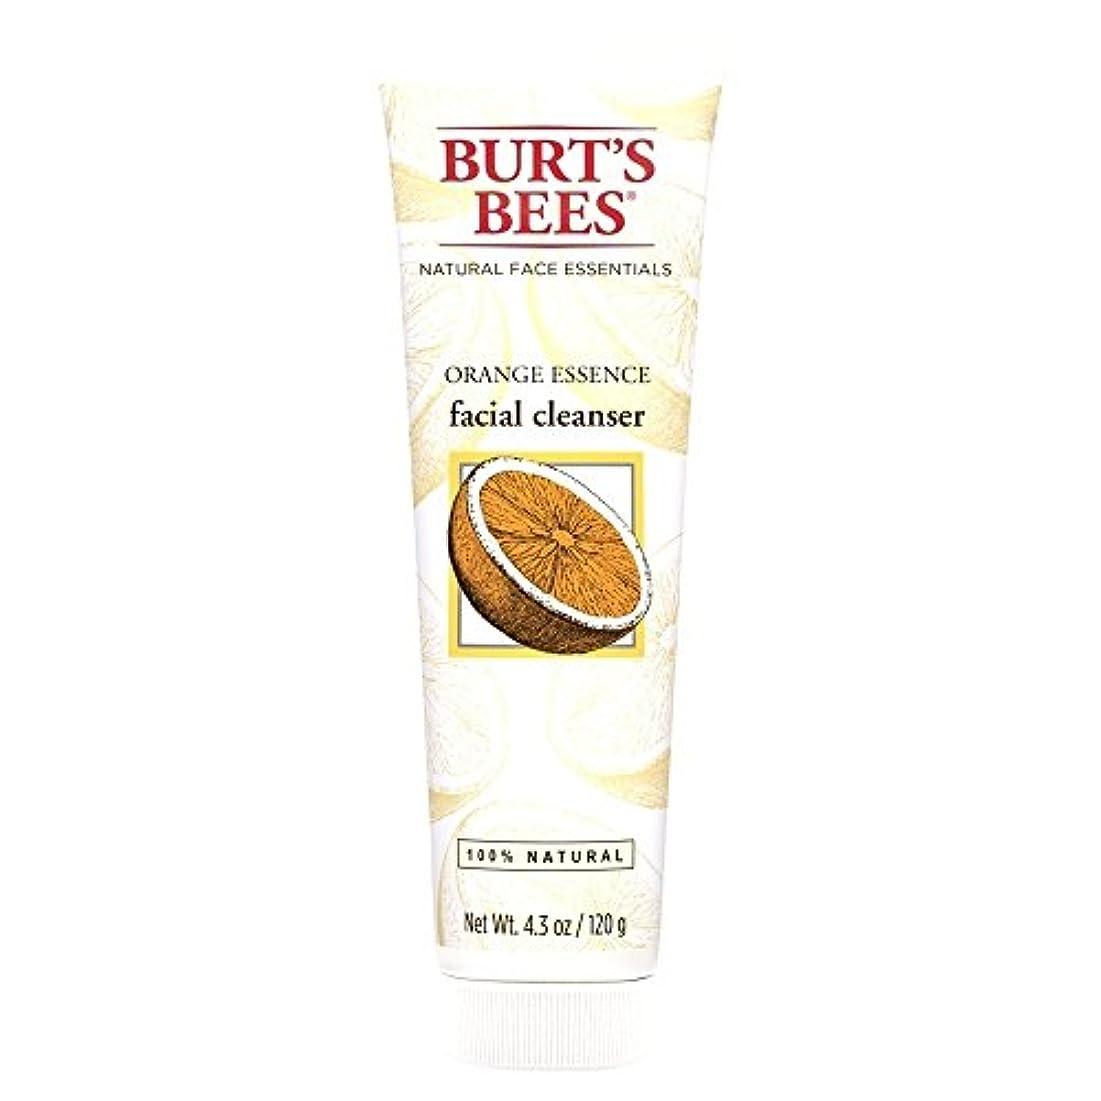 相互接続特定の保安バーツビーオレンジエッセンス洗顔料、125グラム (Burt's Bees) (x6) - Burt's Bees Orange Essence Facial Cleanser, 125g (Pack of 6) [並行輸入品]